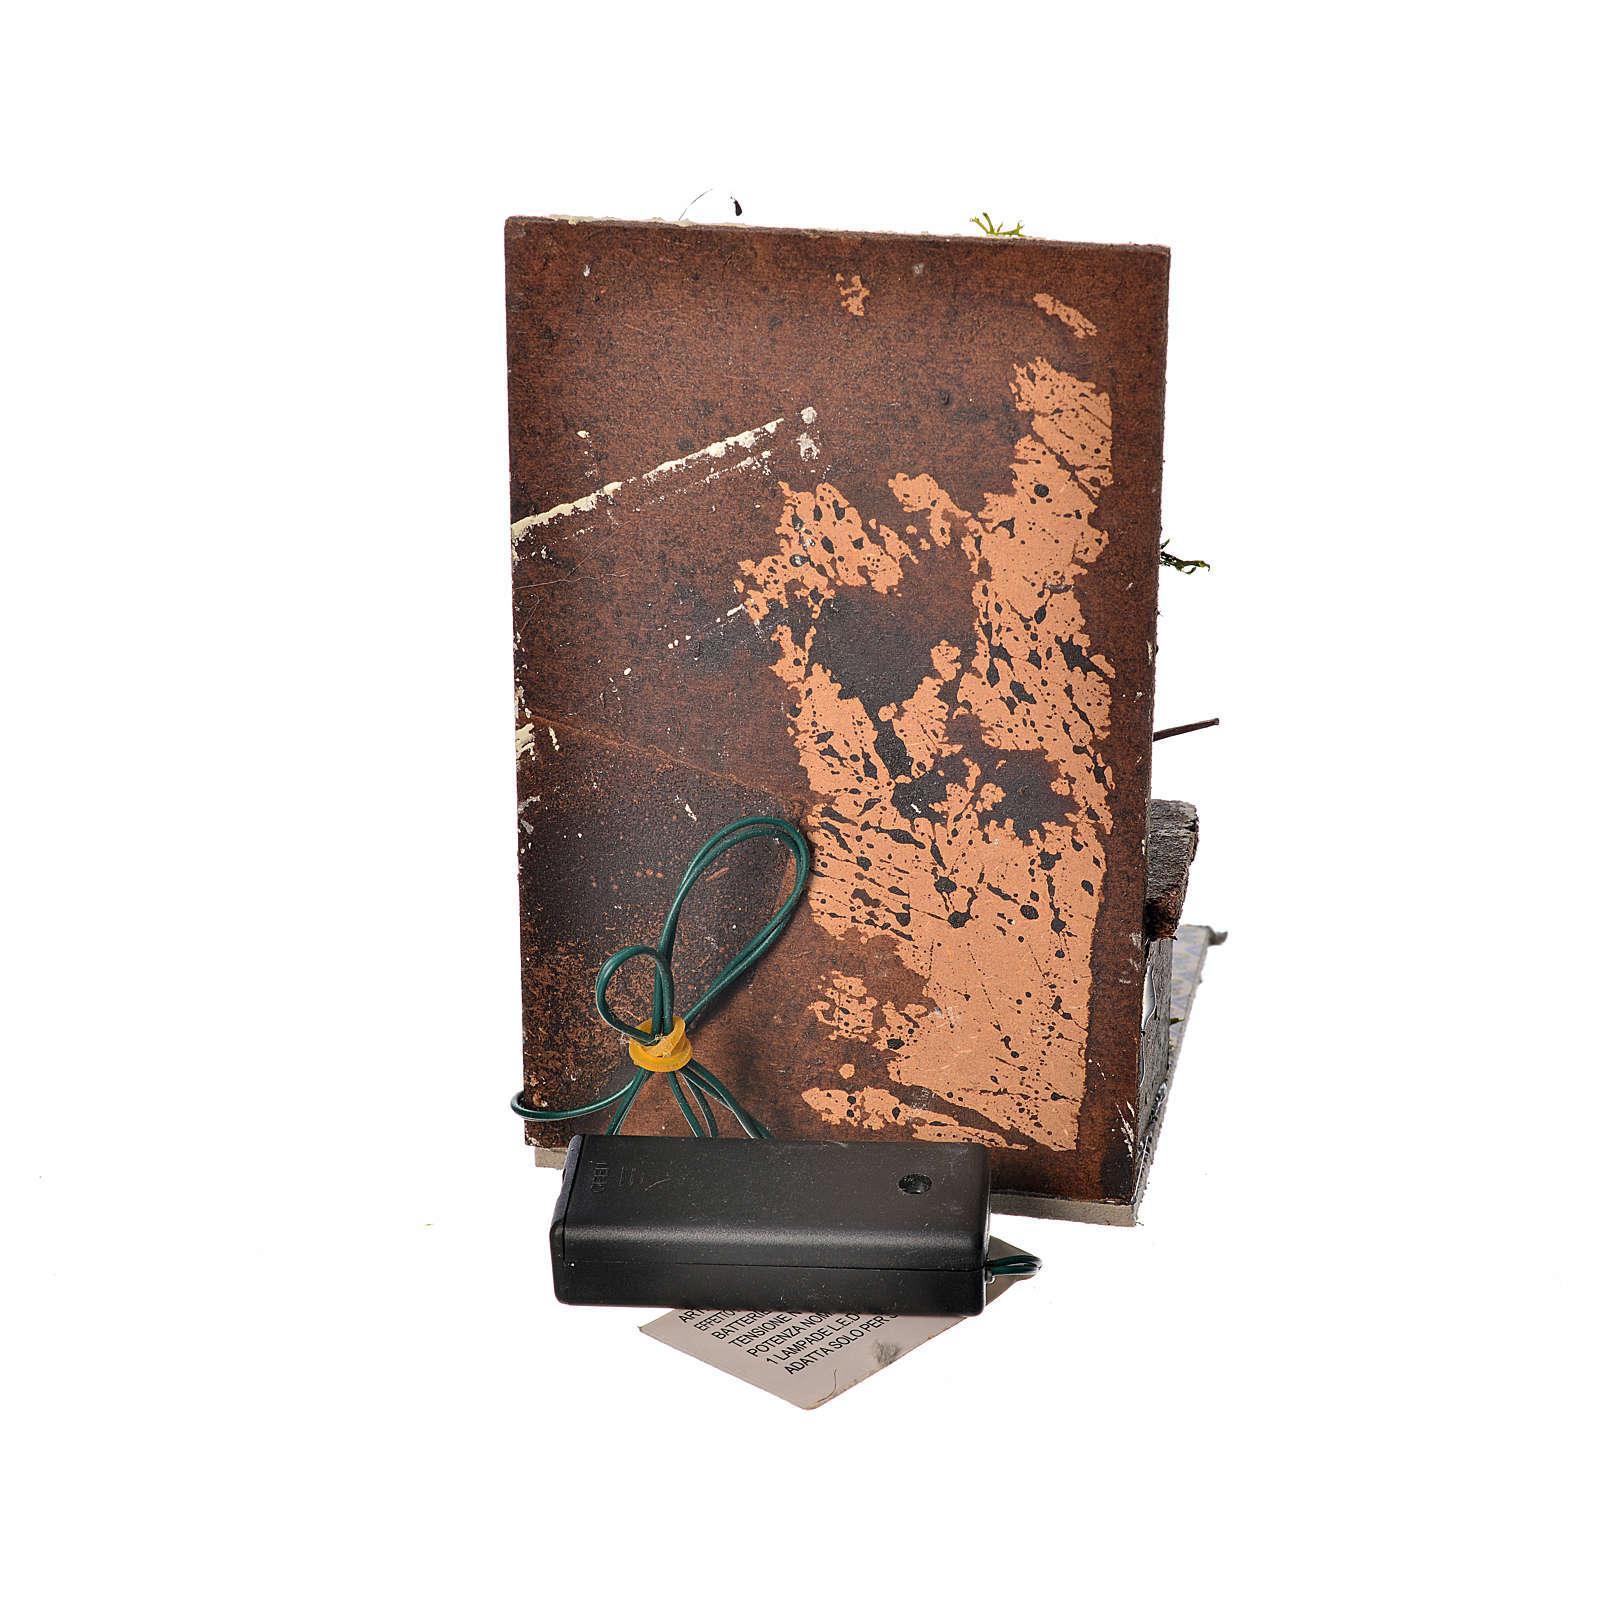 Cozinha com 1 Led vermelho tremulante 9x9,5x15 cm 4